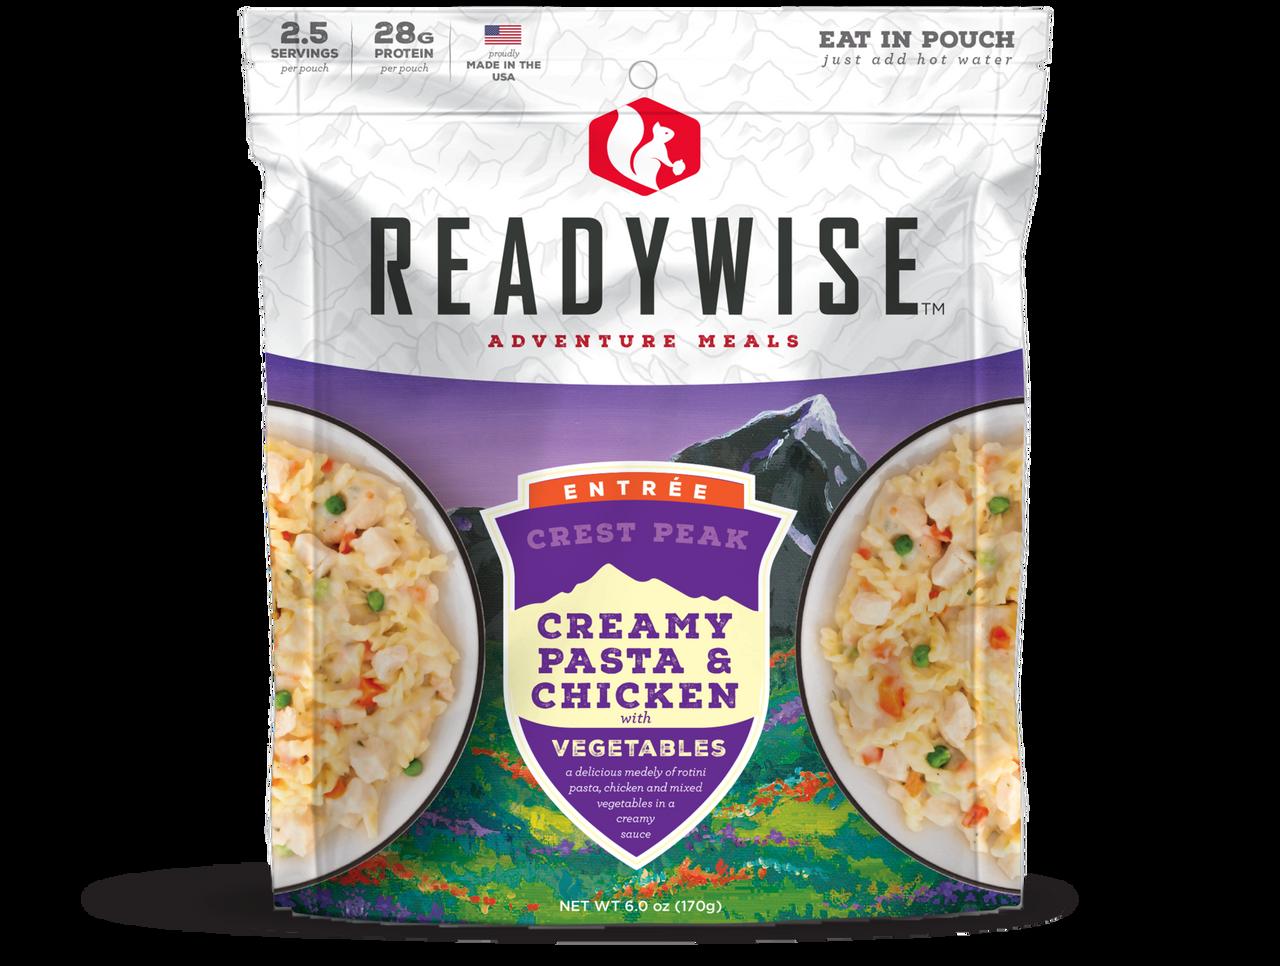 Wise Crest Peak Creamy Pasta & Chicken - 2 Serving Outdoor Pouch